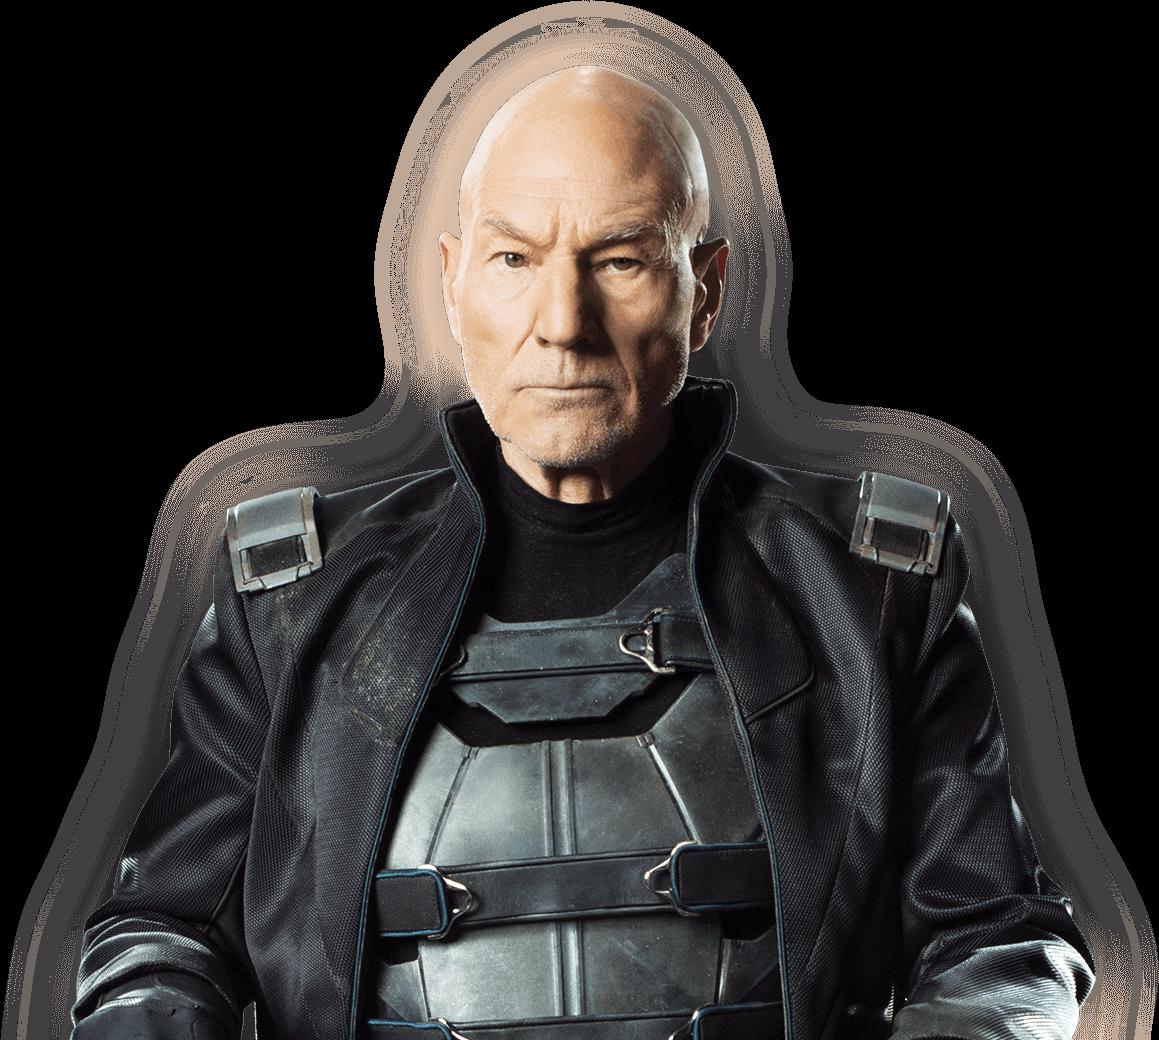 X Men Days Of Future Past Official Movie Site Movie Sites X Men Superhero Film